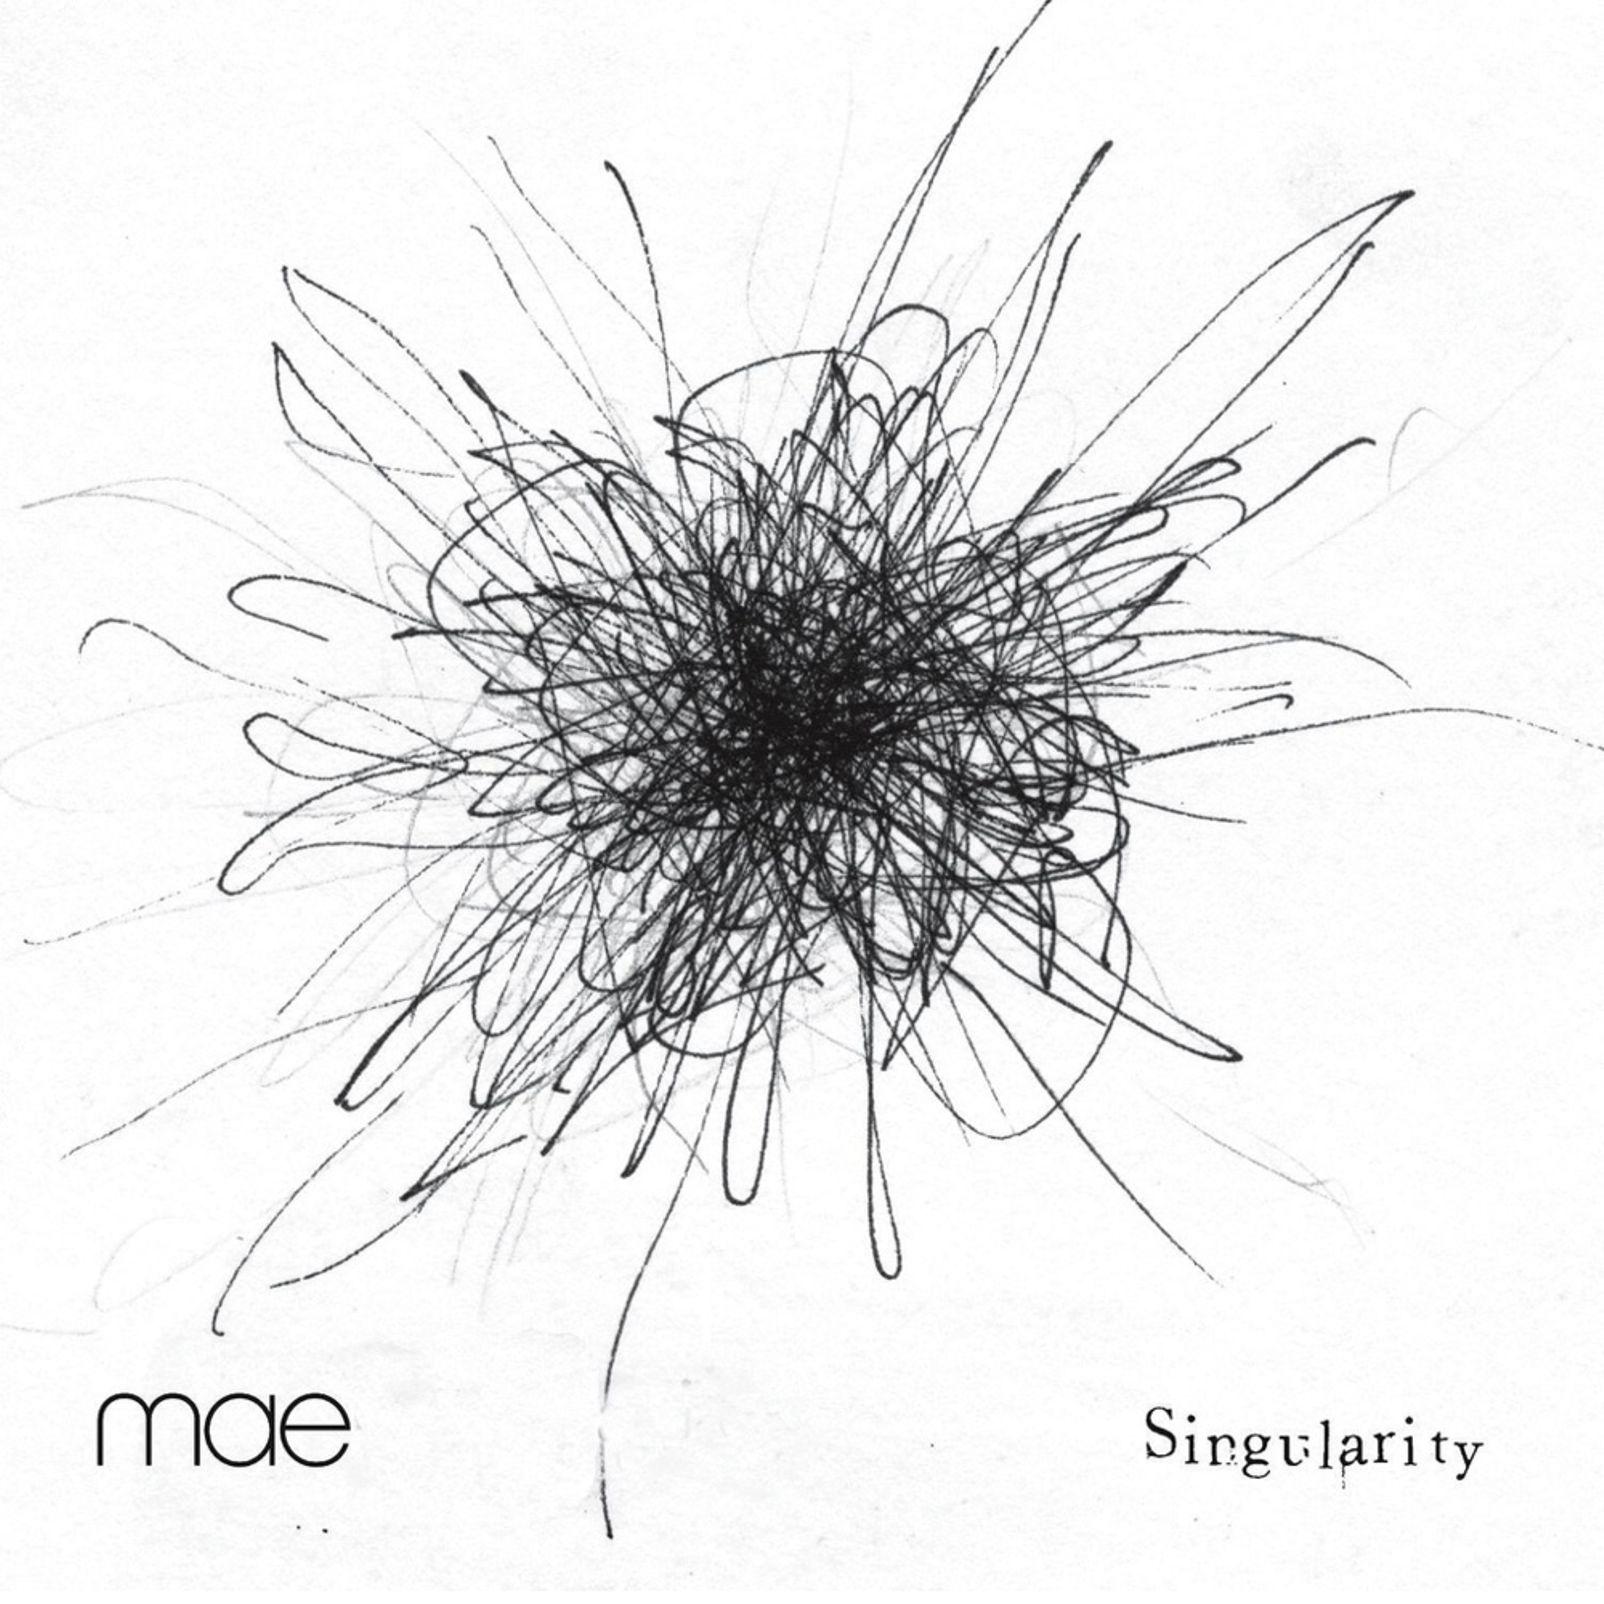 Mae - Singularity 2xLP